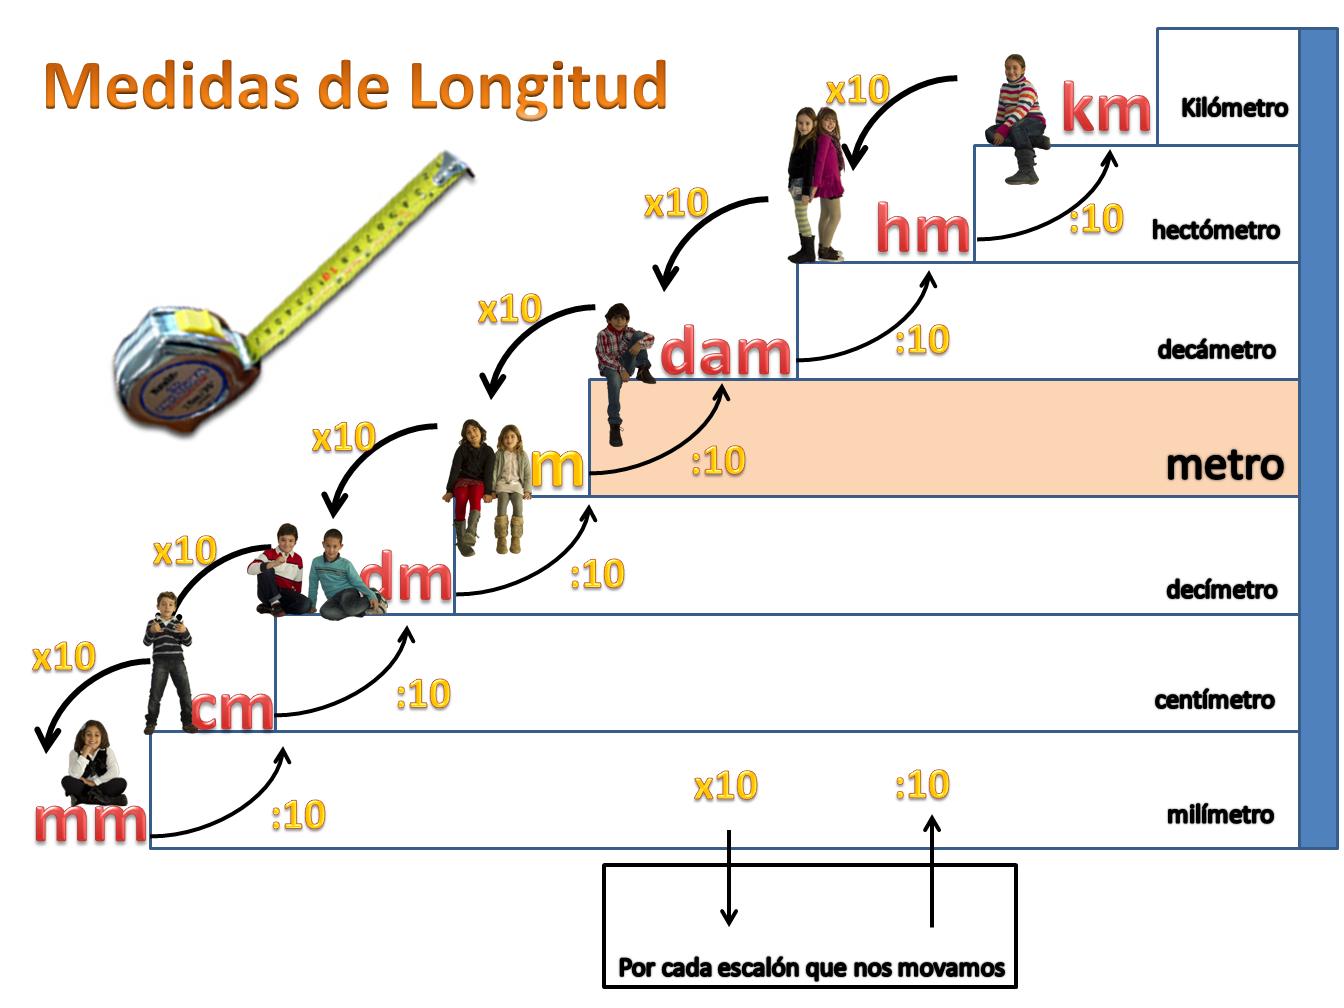 Escuela bloguera medidas de longitud for Medidas escaleras